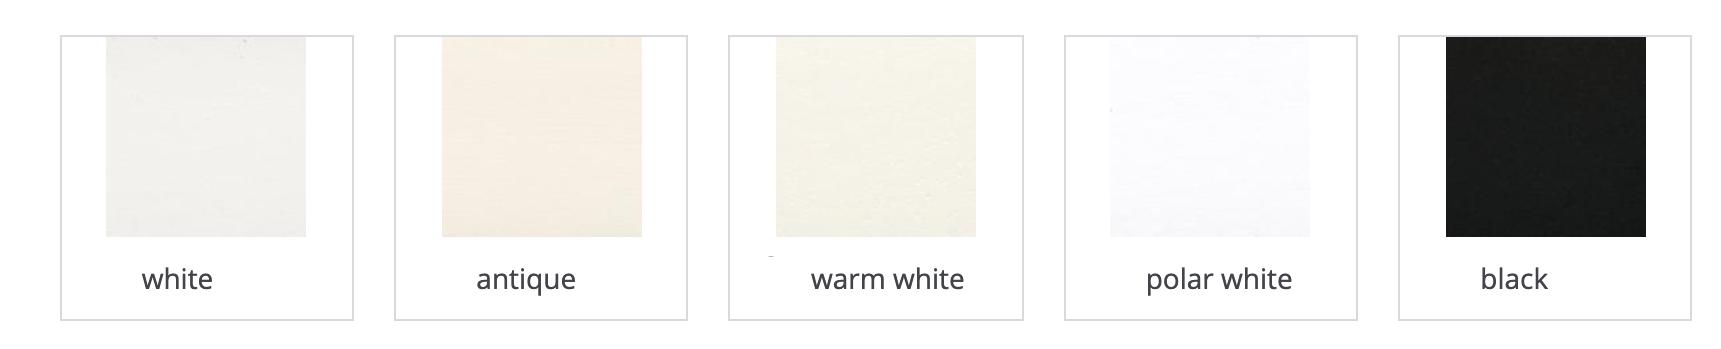 mat colors